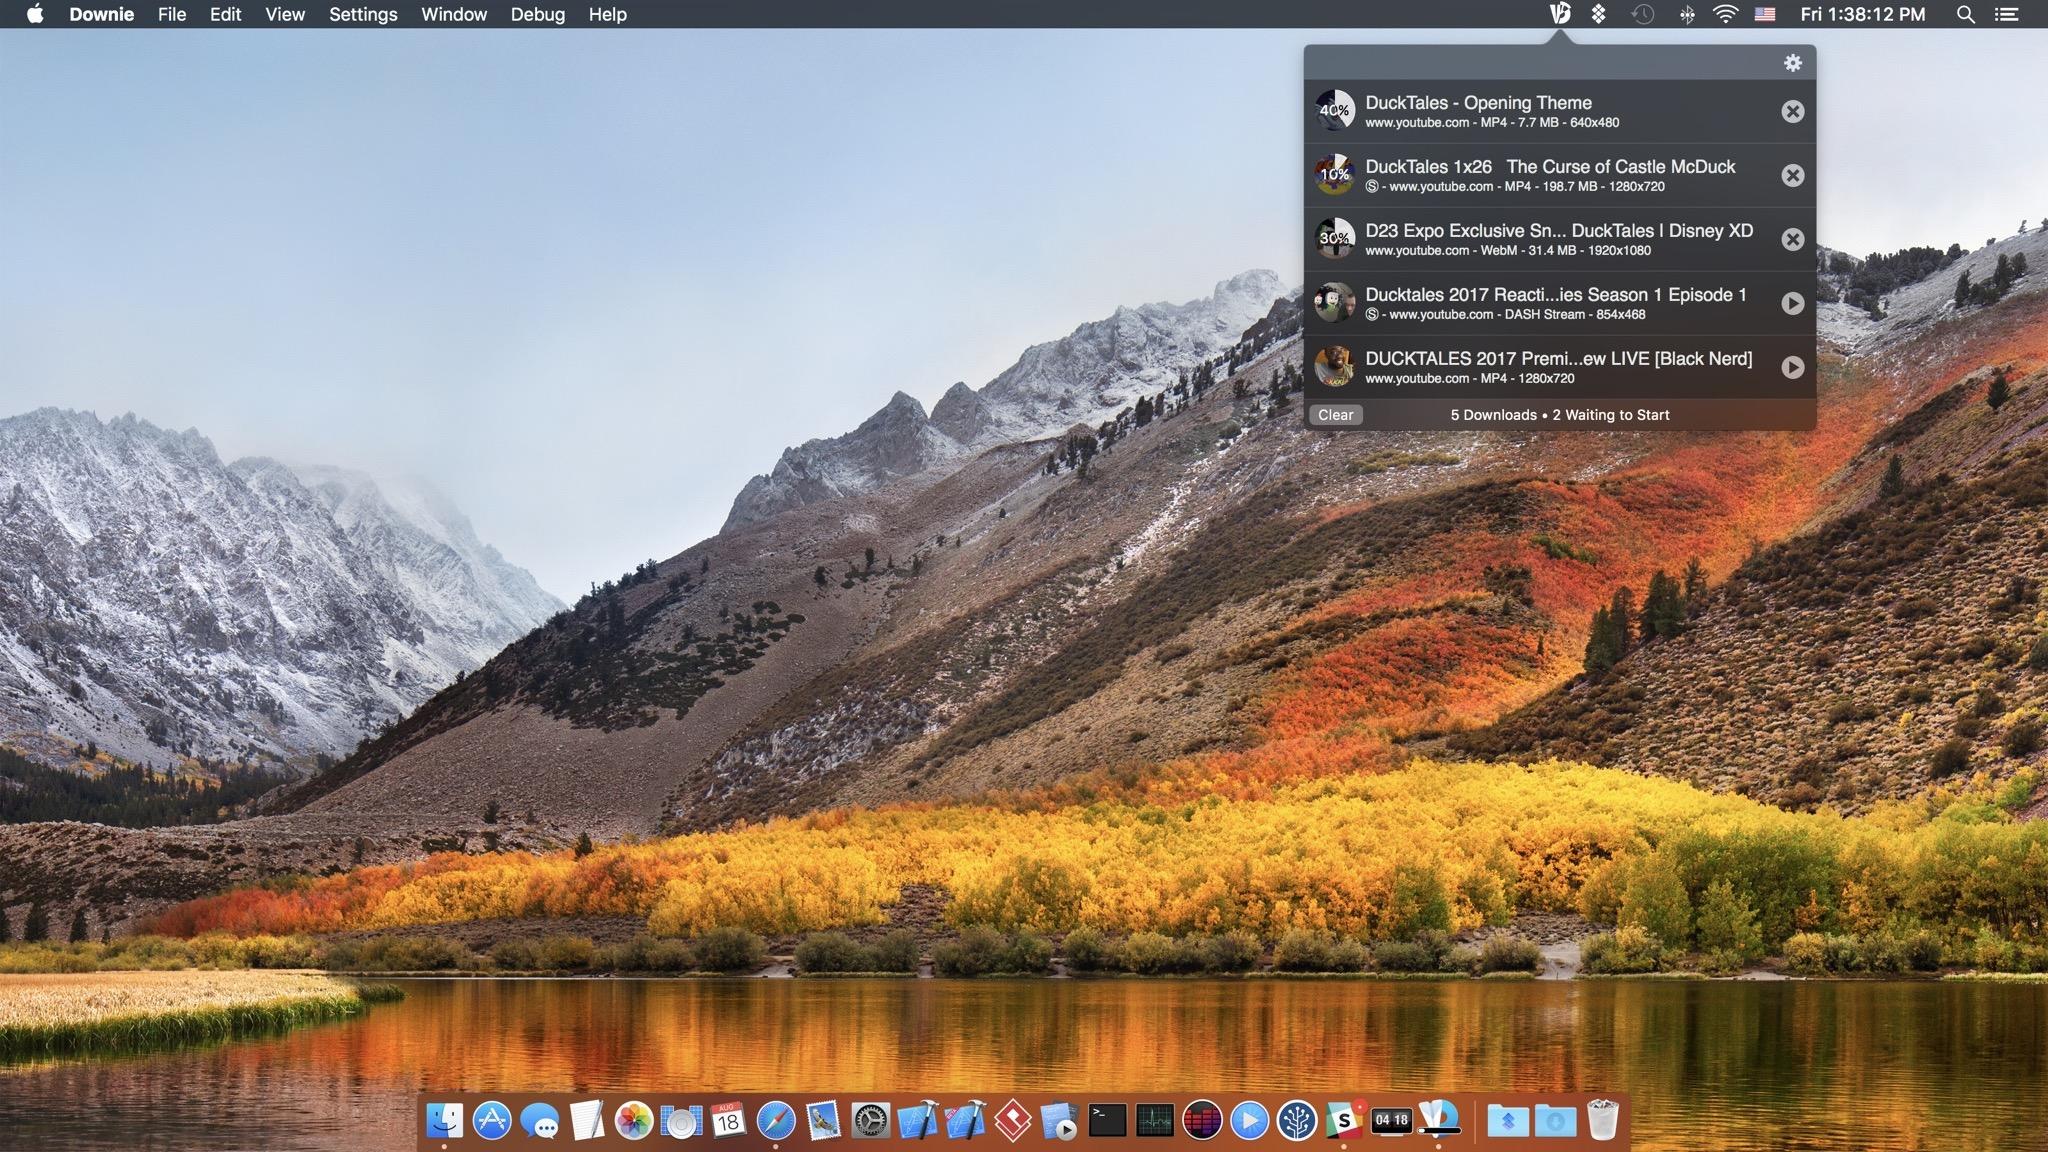 Downie 4.0.10 (4101) Mac 上网页视频下载工具(支持B站优酷土豆)-马克喵